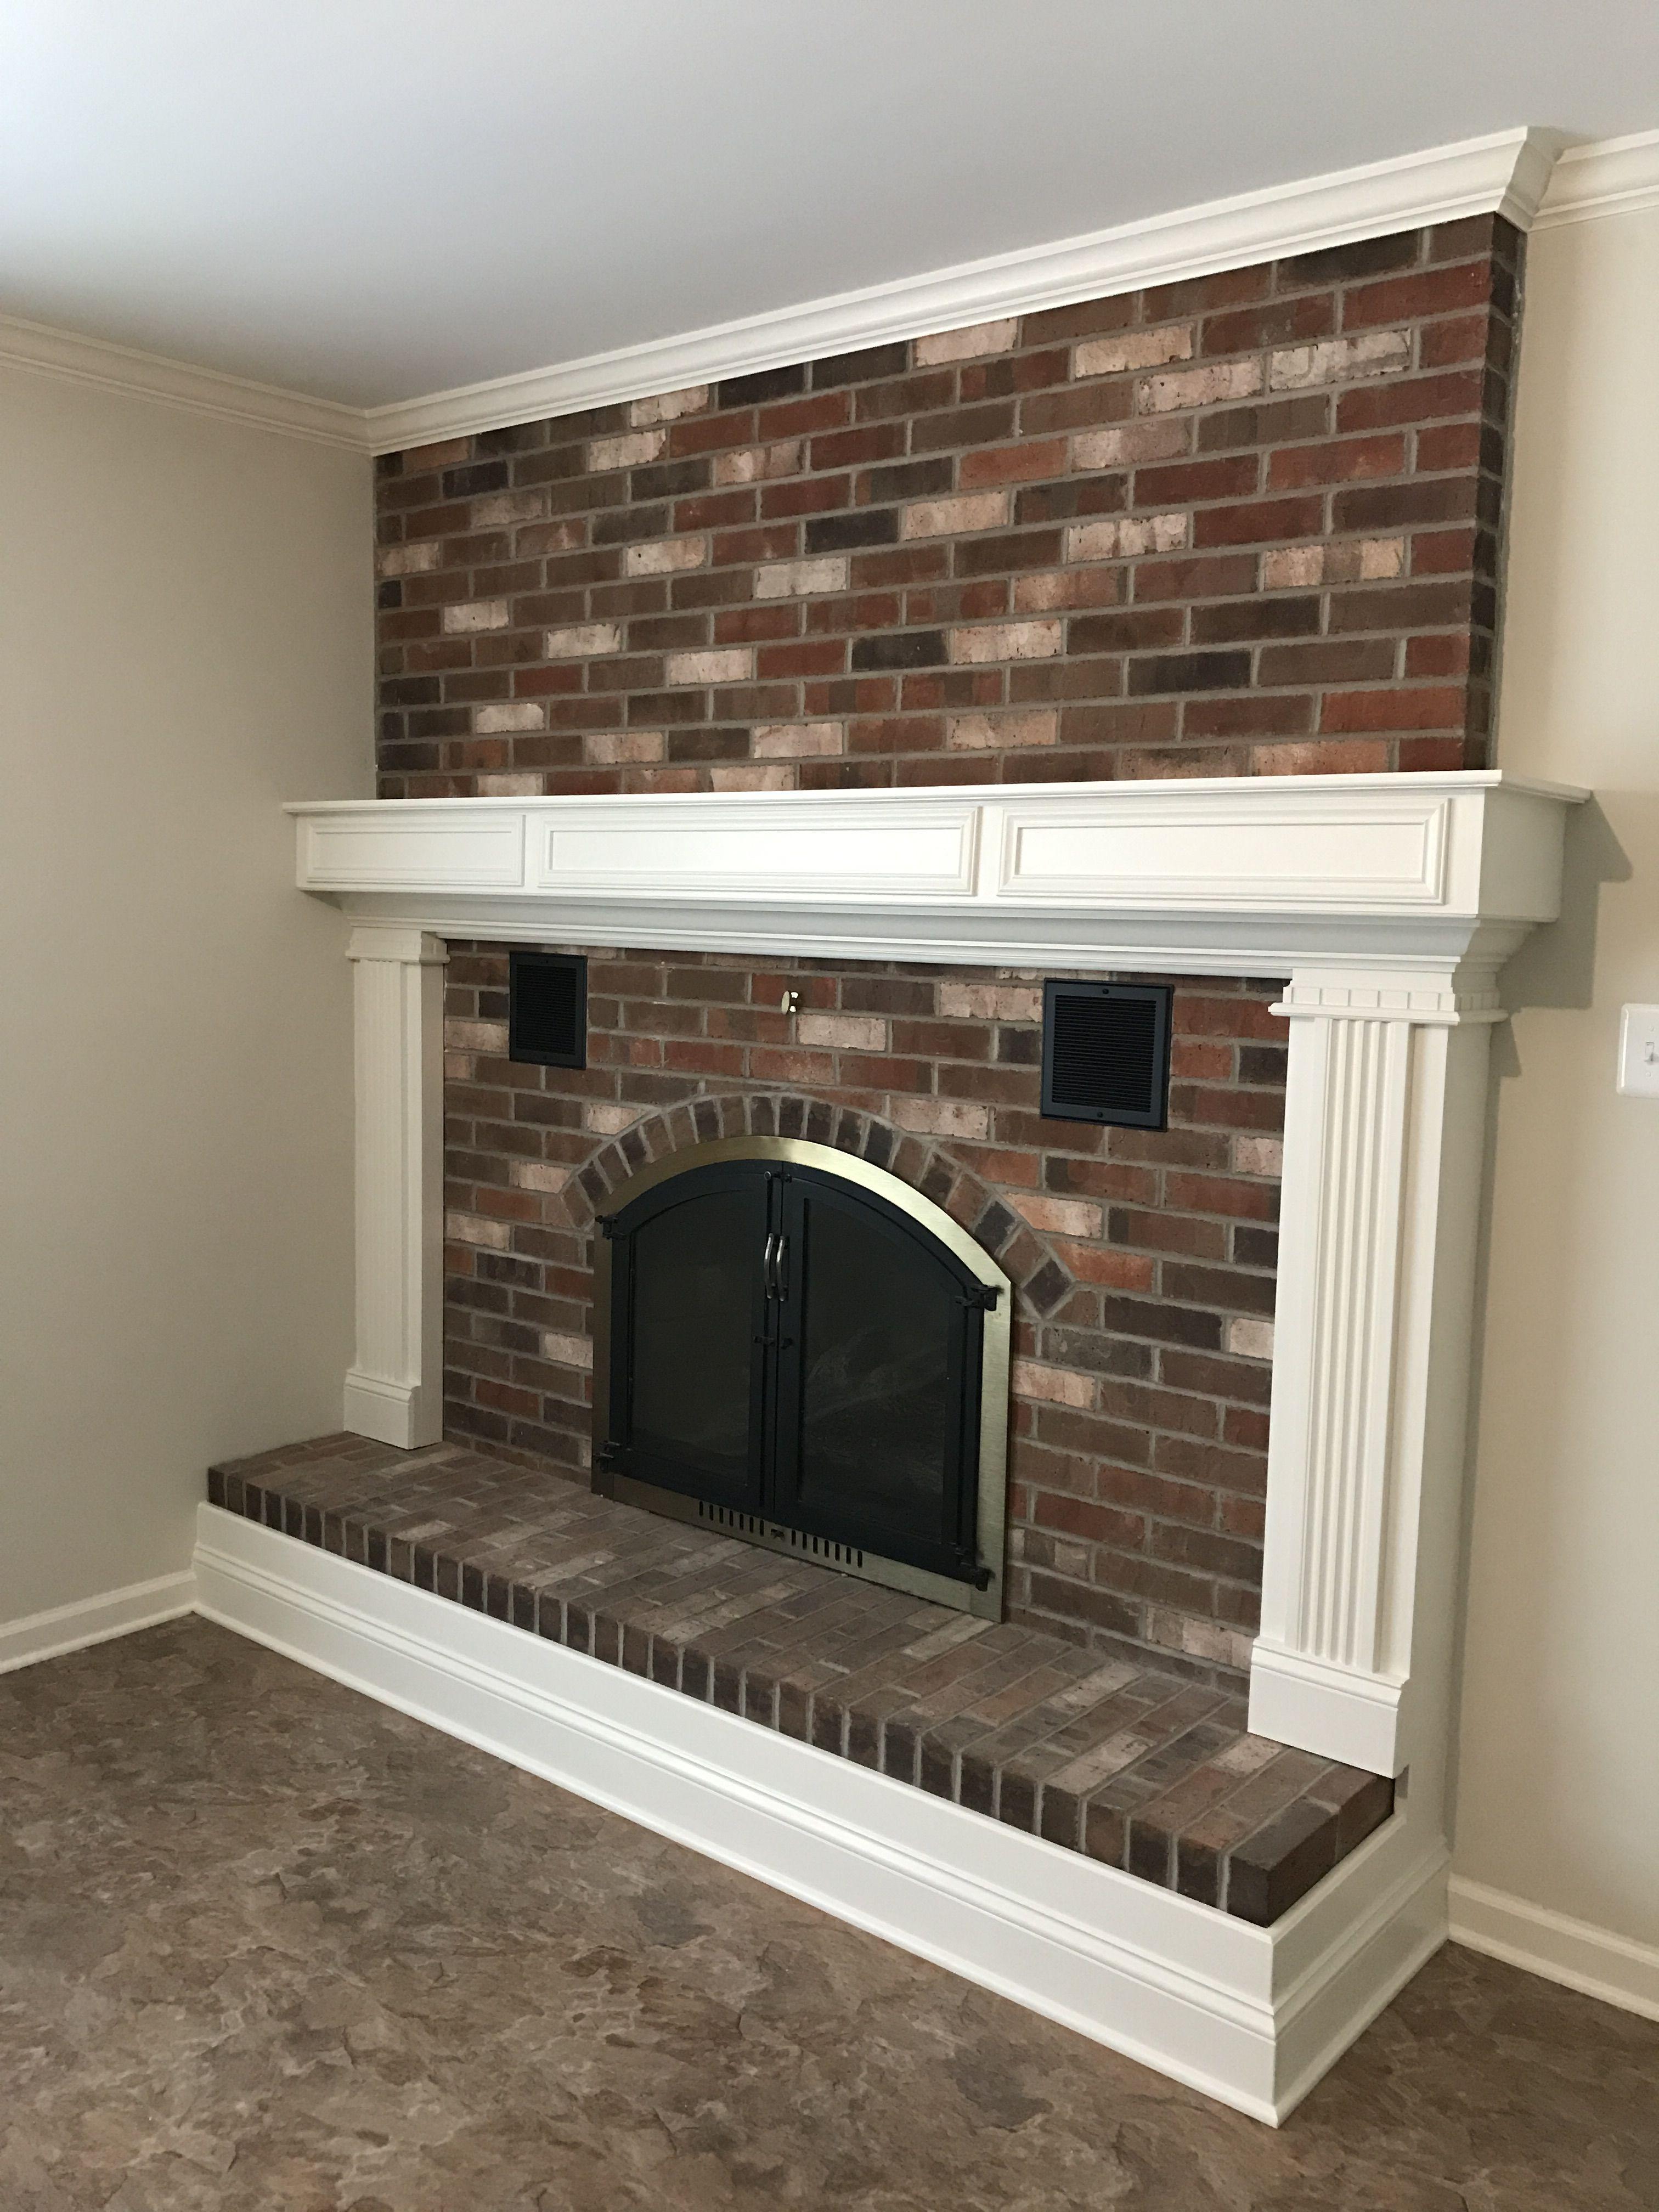 Updated brick fireplace with new surround, trim around ...